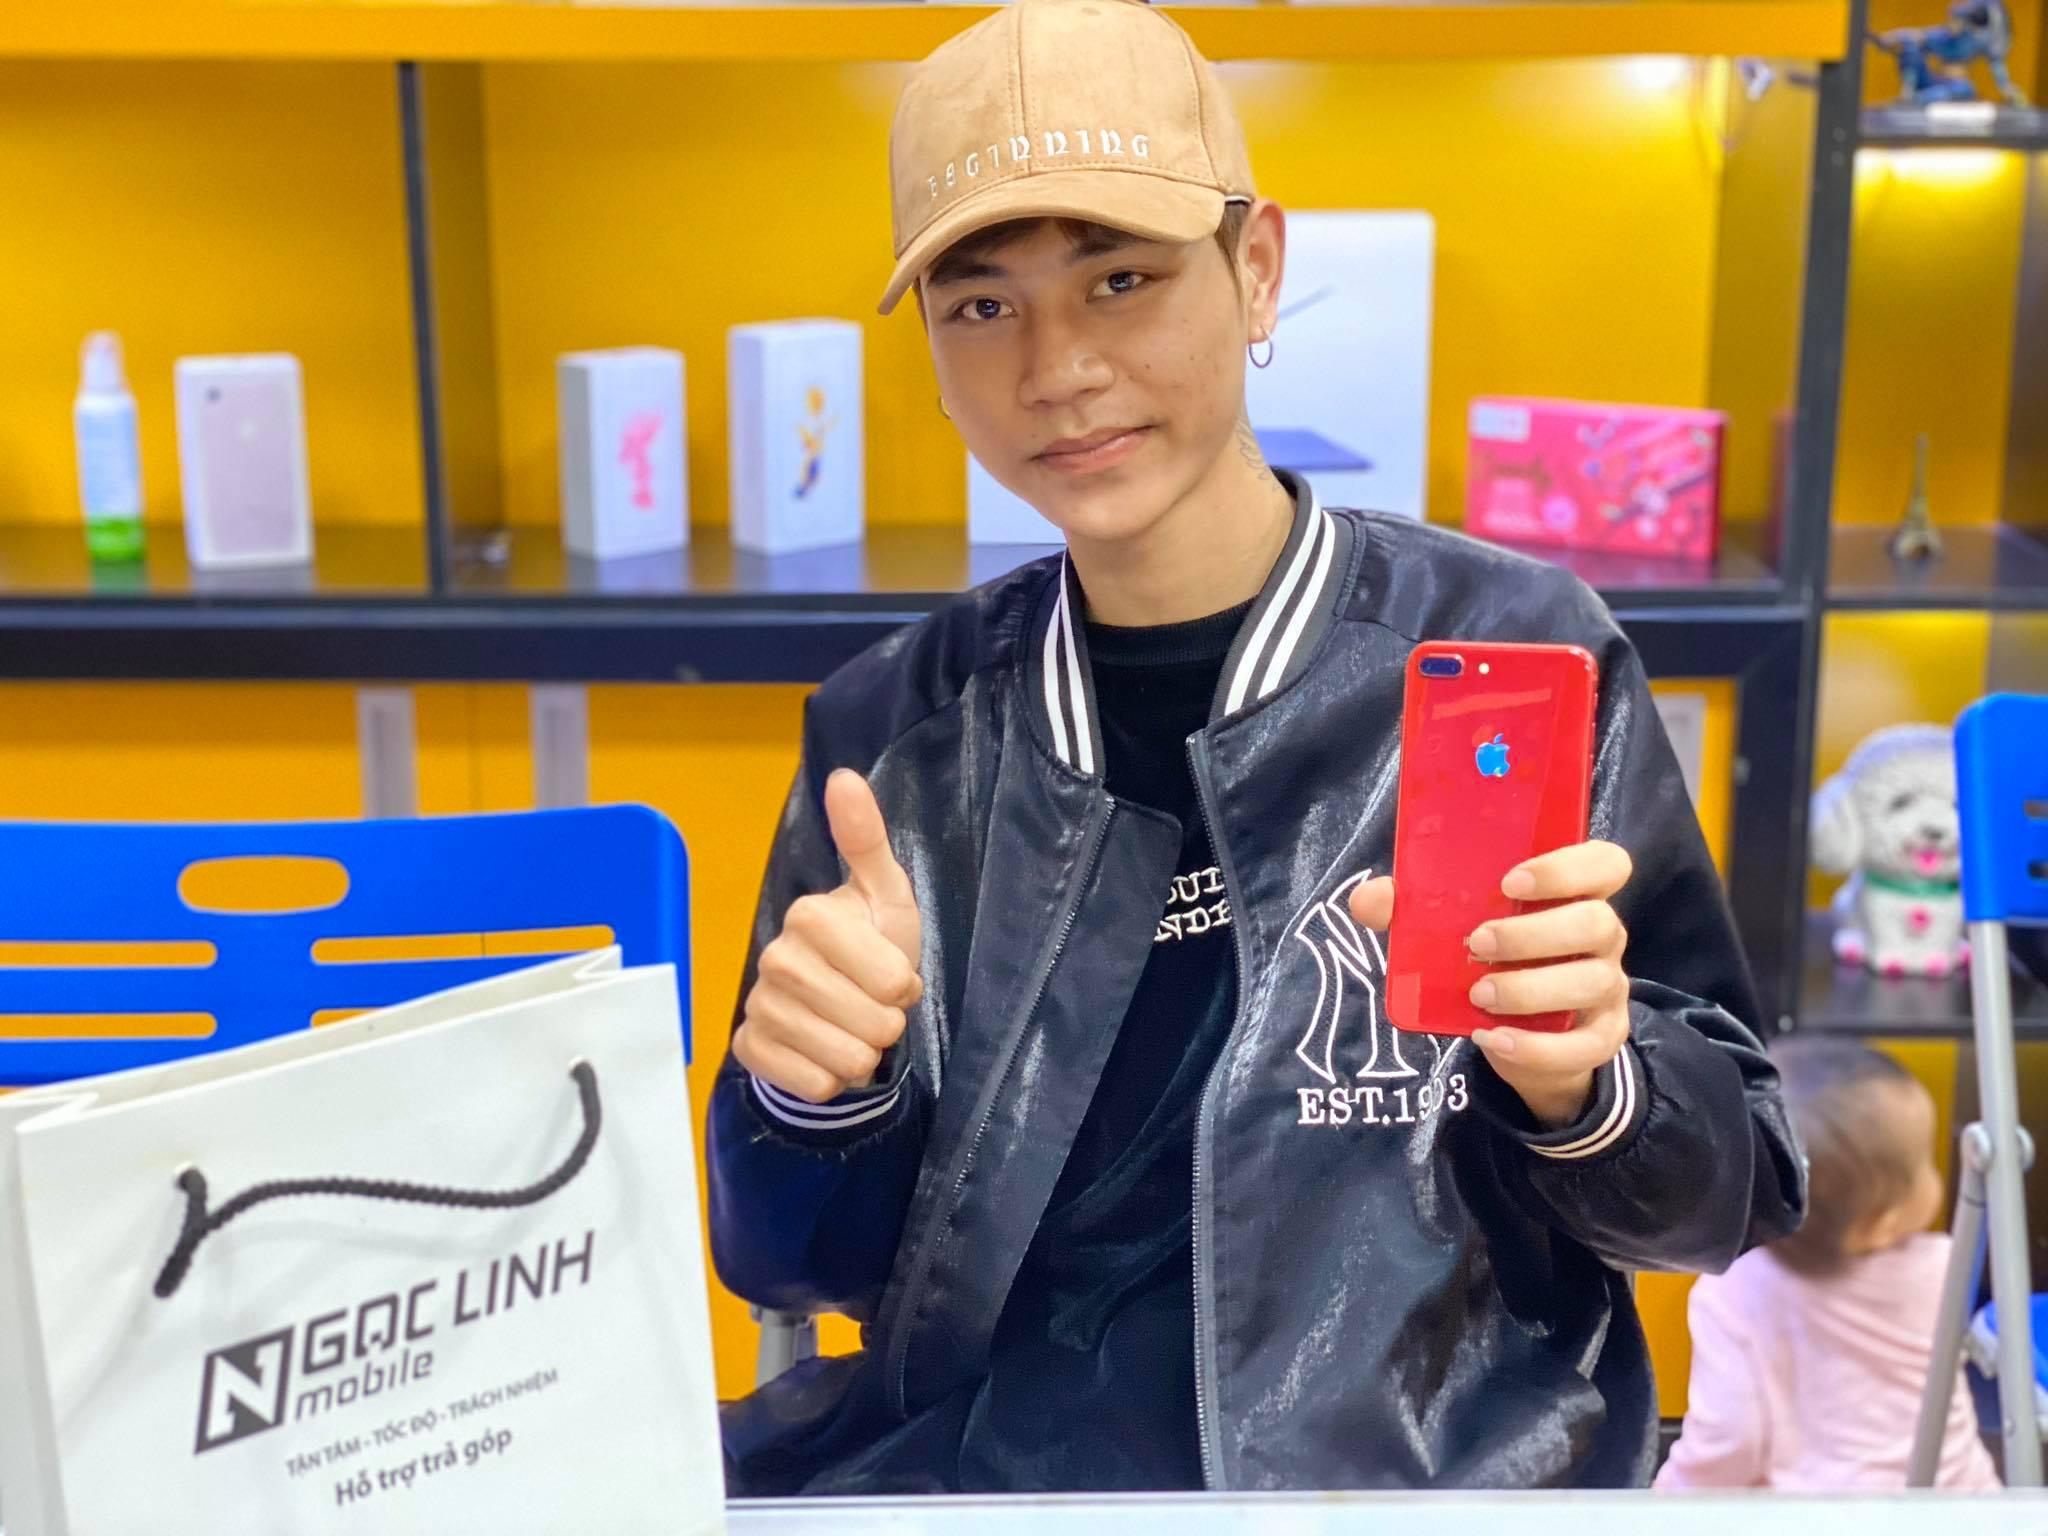 iPhone8 Plus iPhone8 Plus - iPhone8 Plus -Gamemượt,giárẻnhấttrong phânkhúc11triệuđồng.